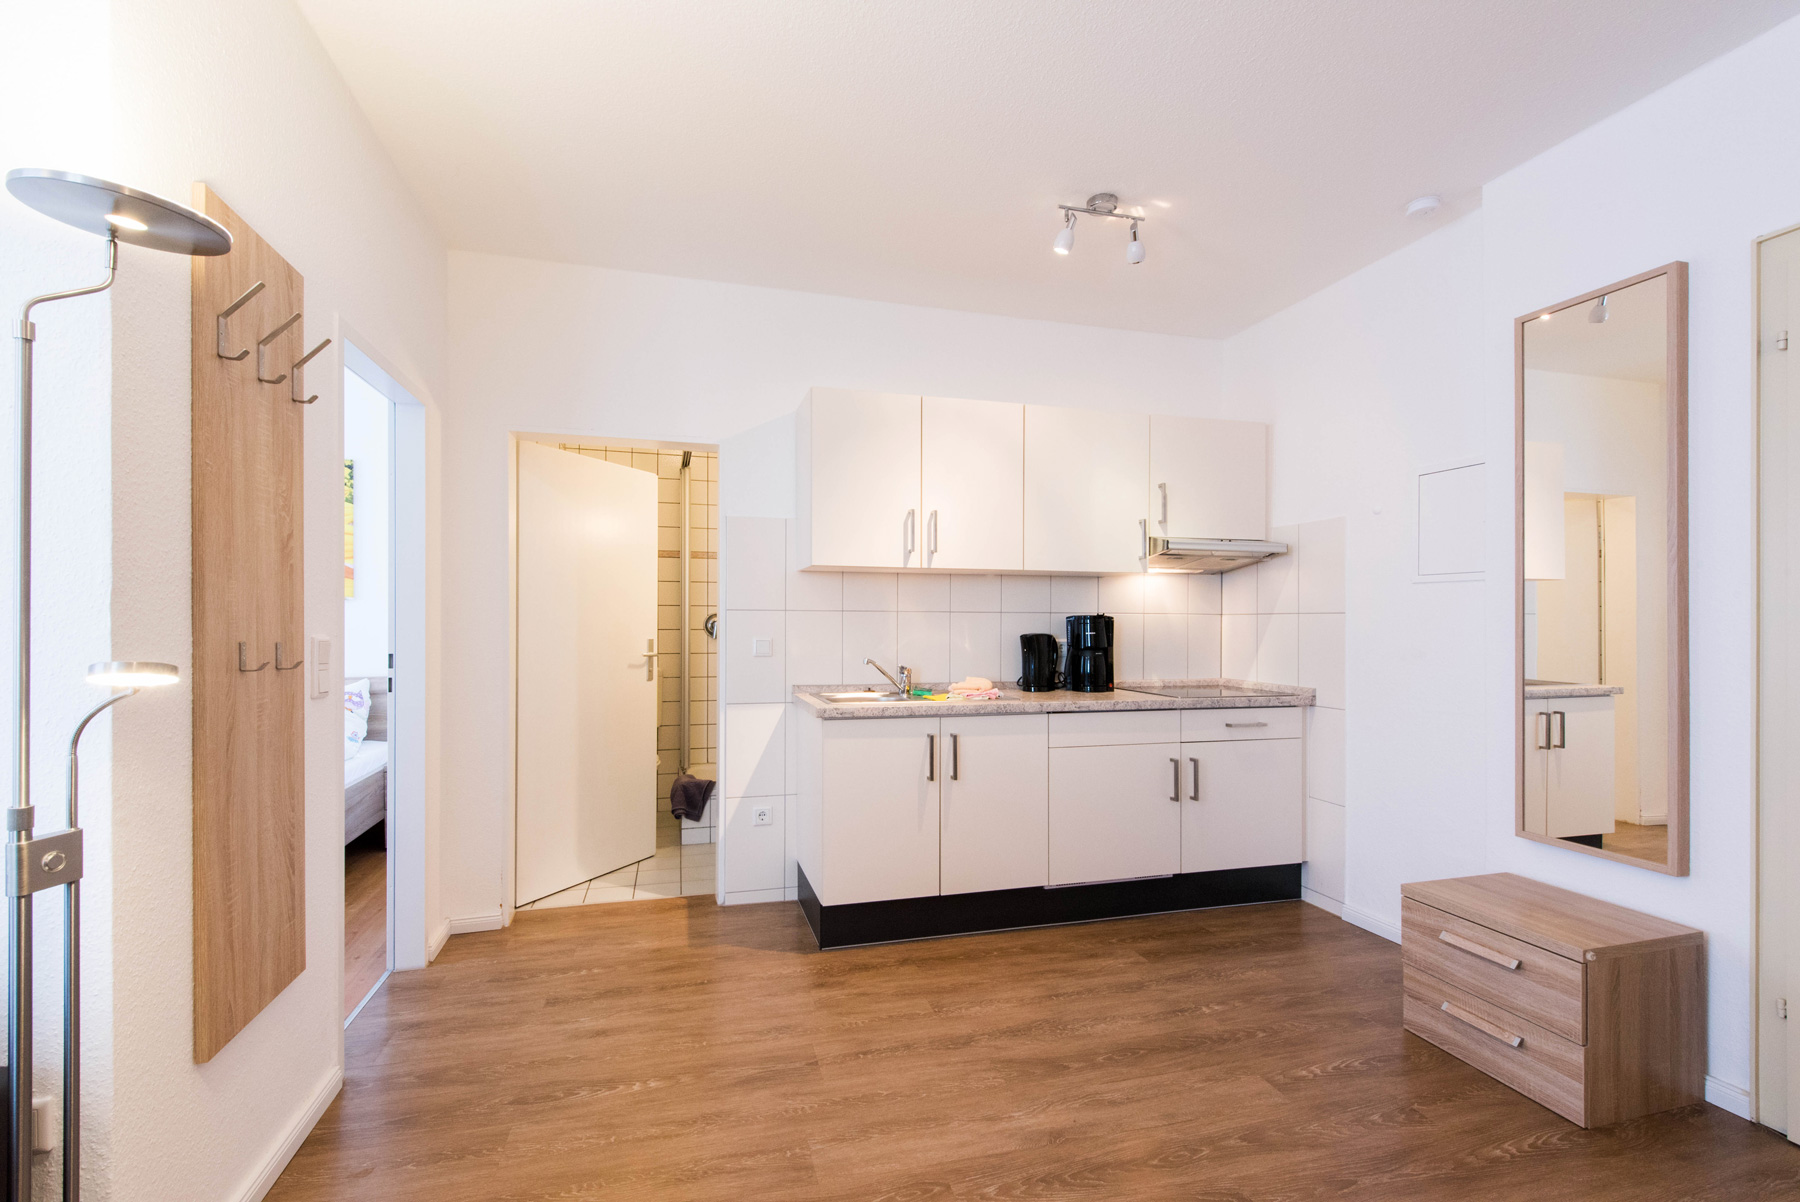 ferienwohnung norderney haus albatros wohnung 1 k che ferienwohnung norderney. Black Bedroom Furniture Sets. Home Design Ideas